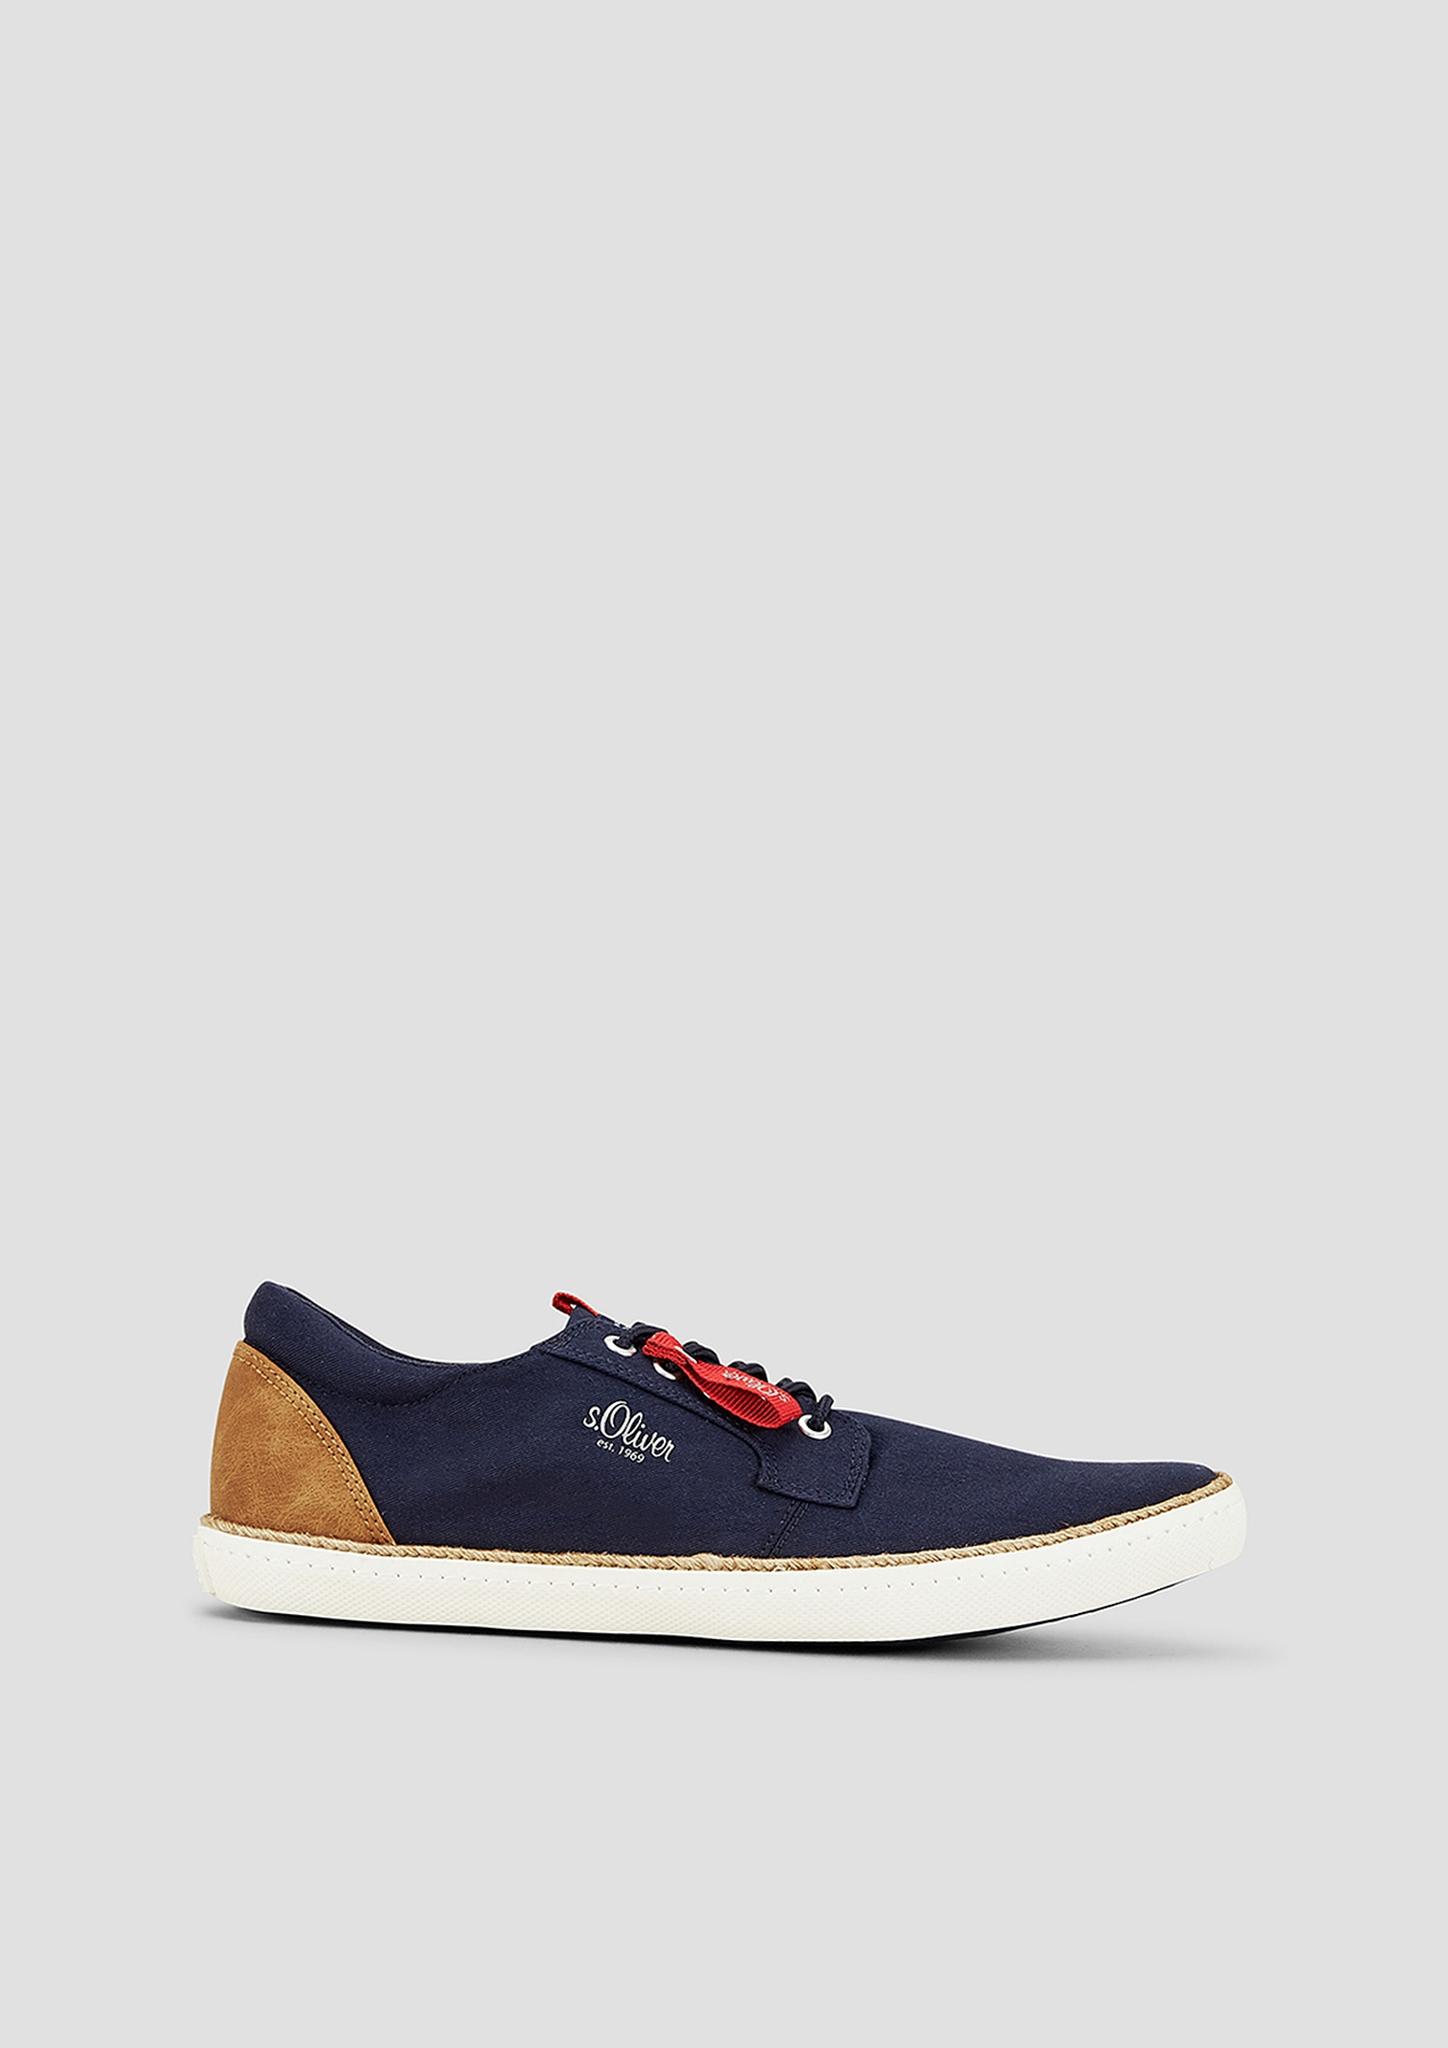 Schnürer | Schuhe > Schnürschuhe | Blau | Obermaterial aus textil und synthetik| futter aus textil| decksohle aus textil und synthetik| laufsohle aus synthetik | s.Oliver